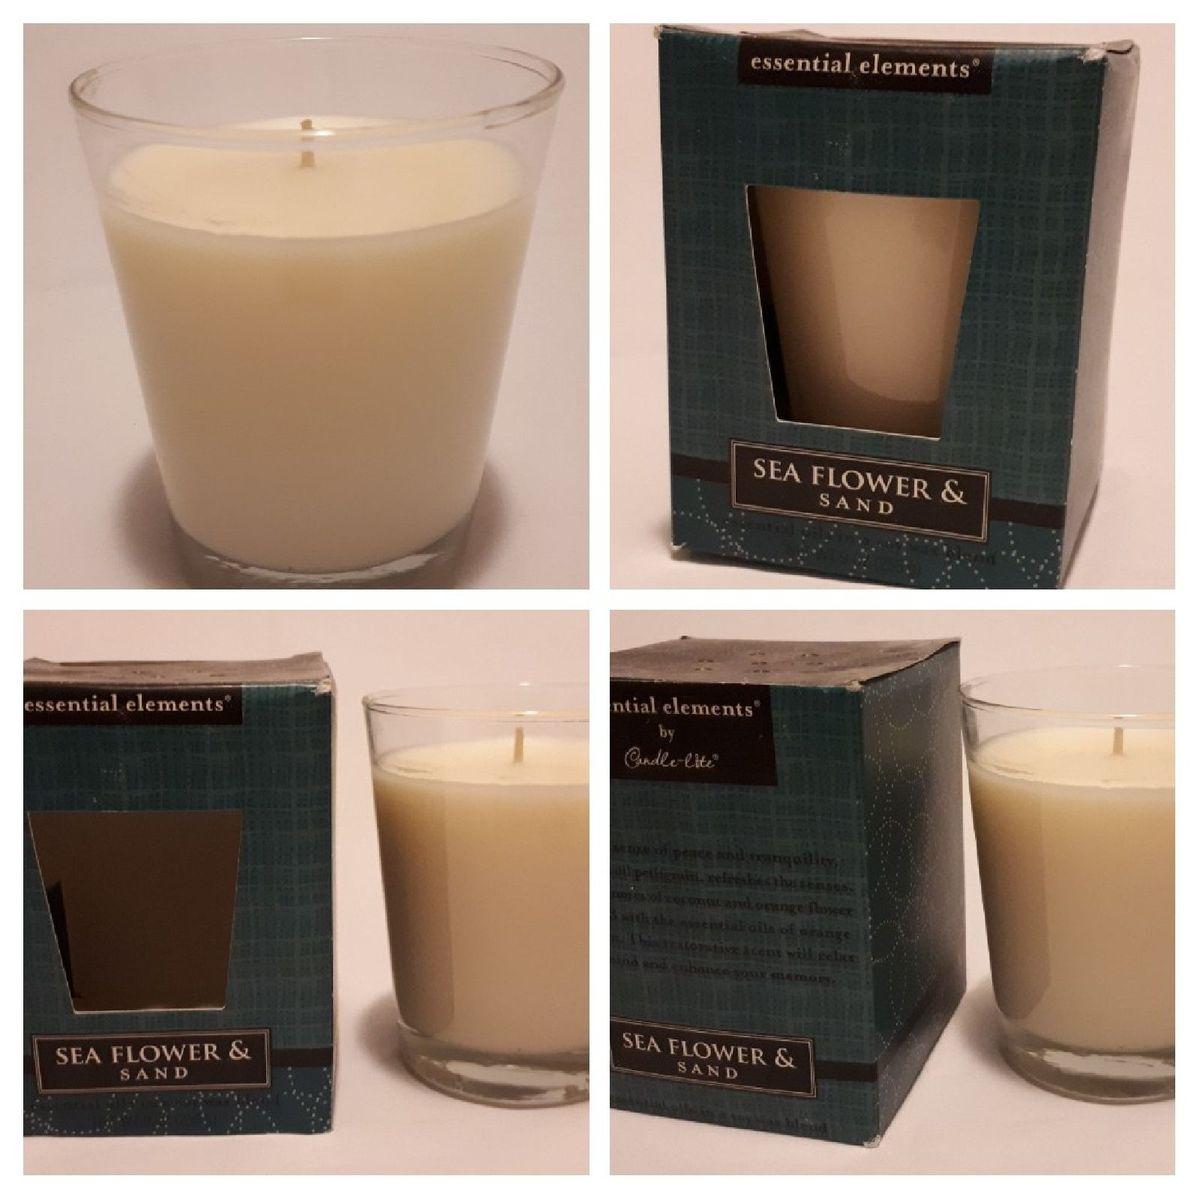 vela aromatica essentials elements importada